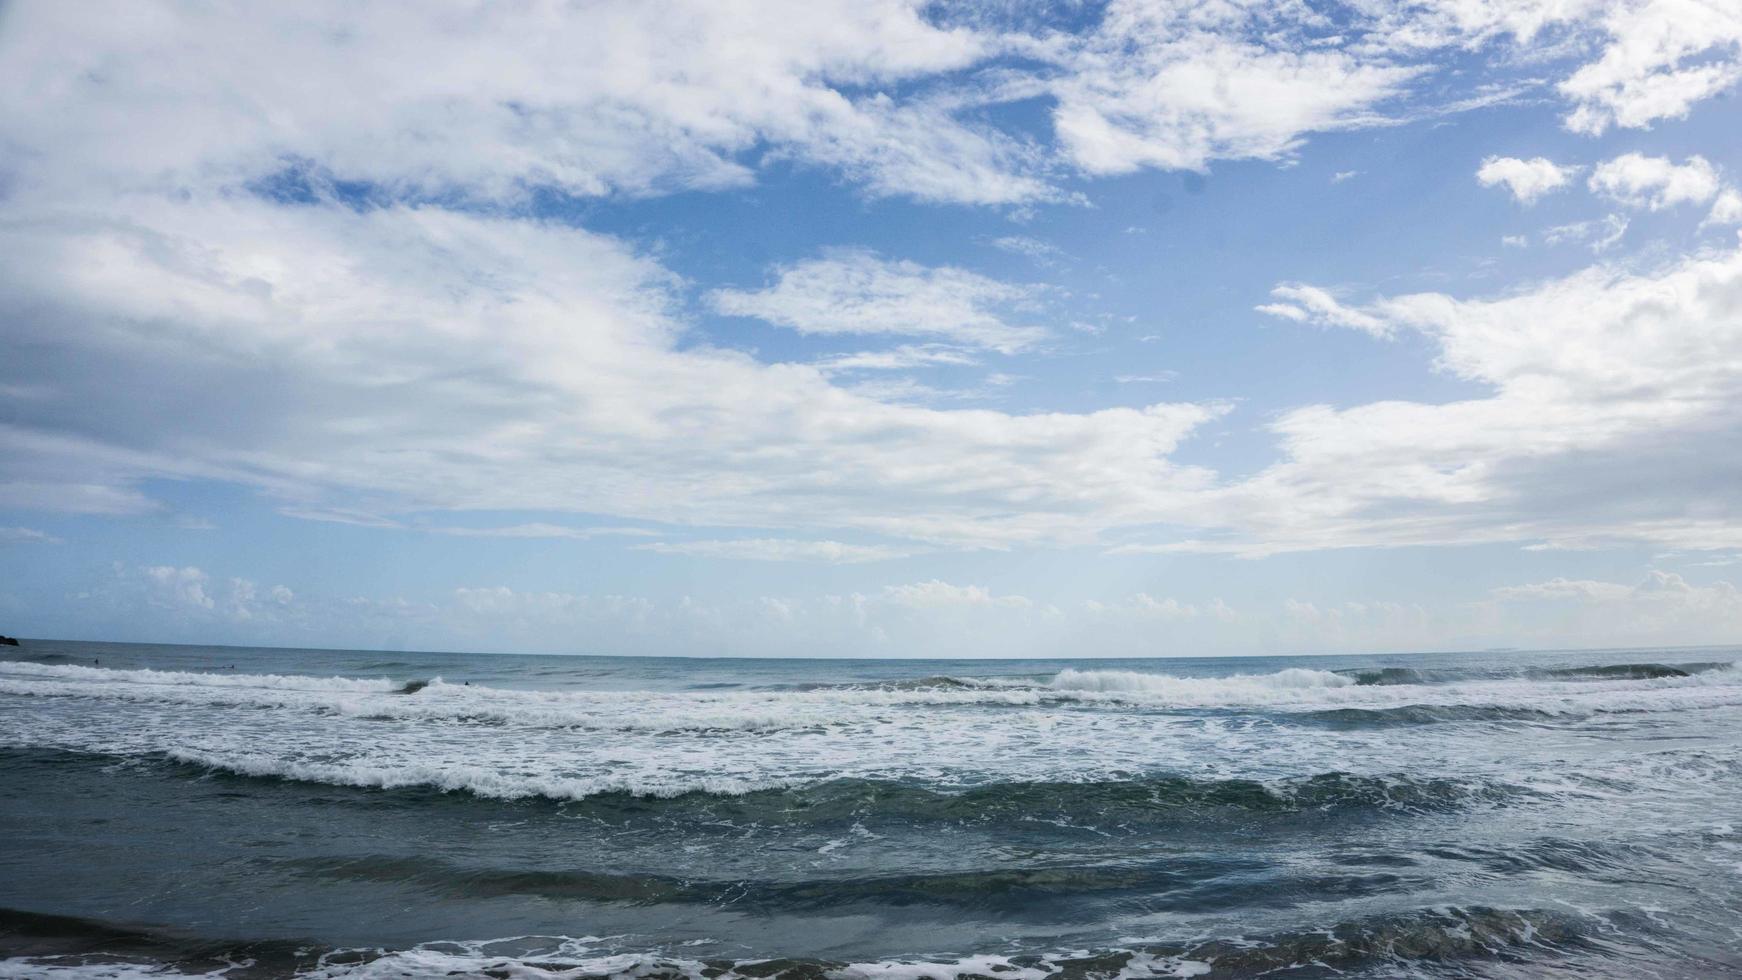 plage de playa cocles pendant la journée photo